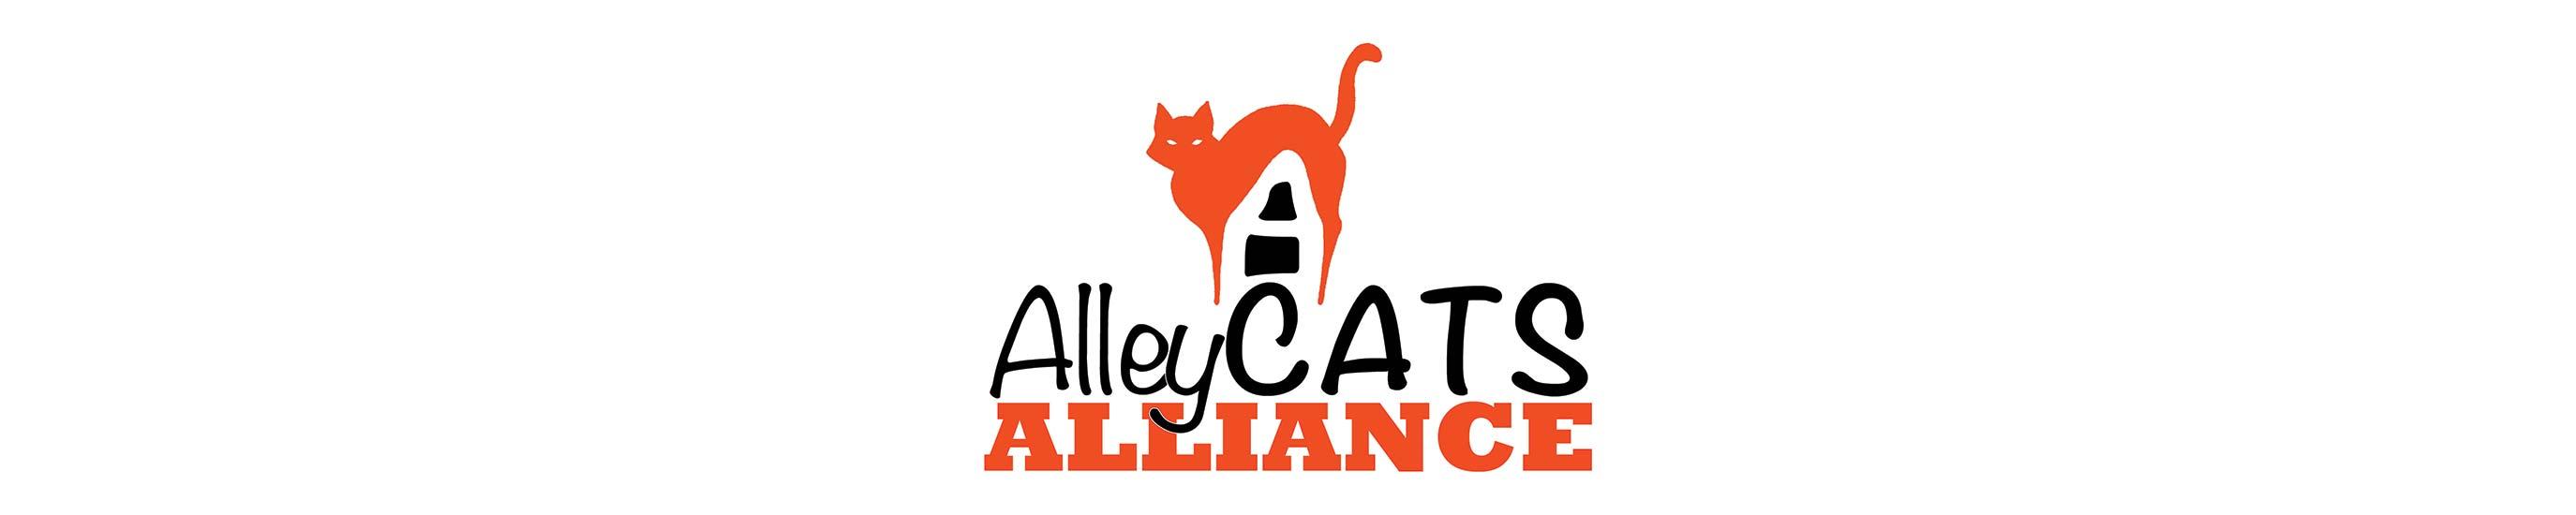 AlleyCATSAllianceLOGObanner